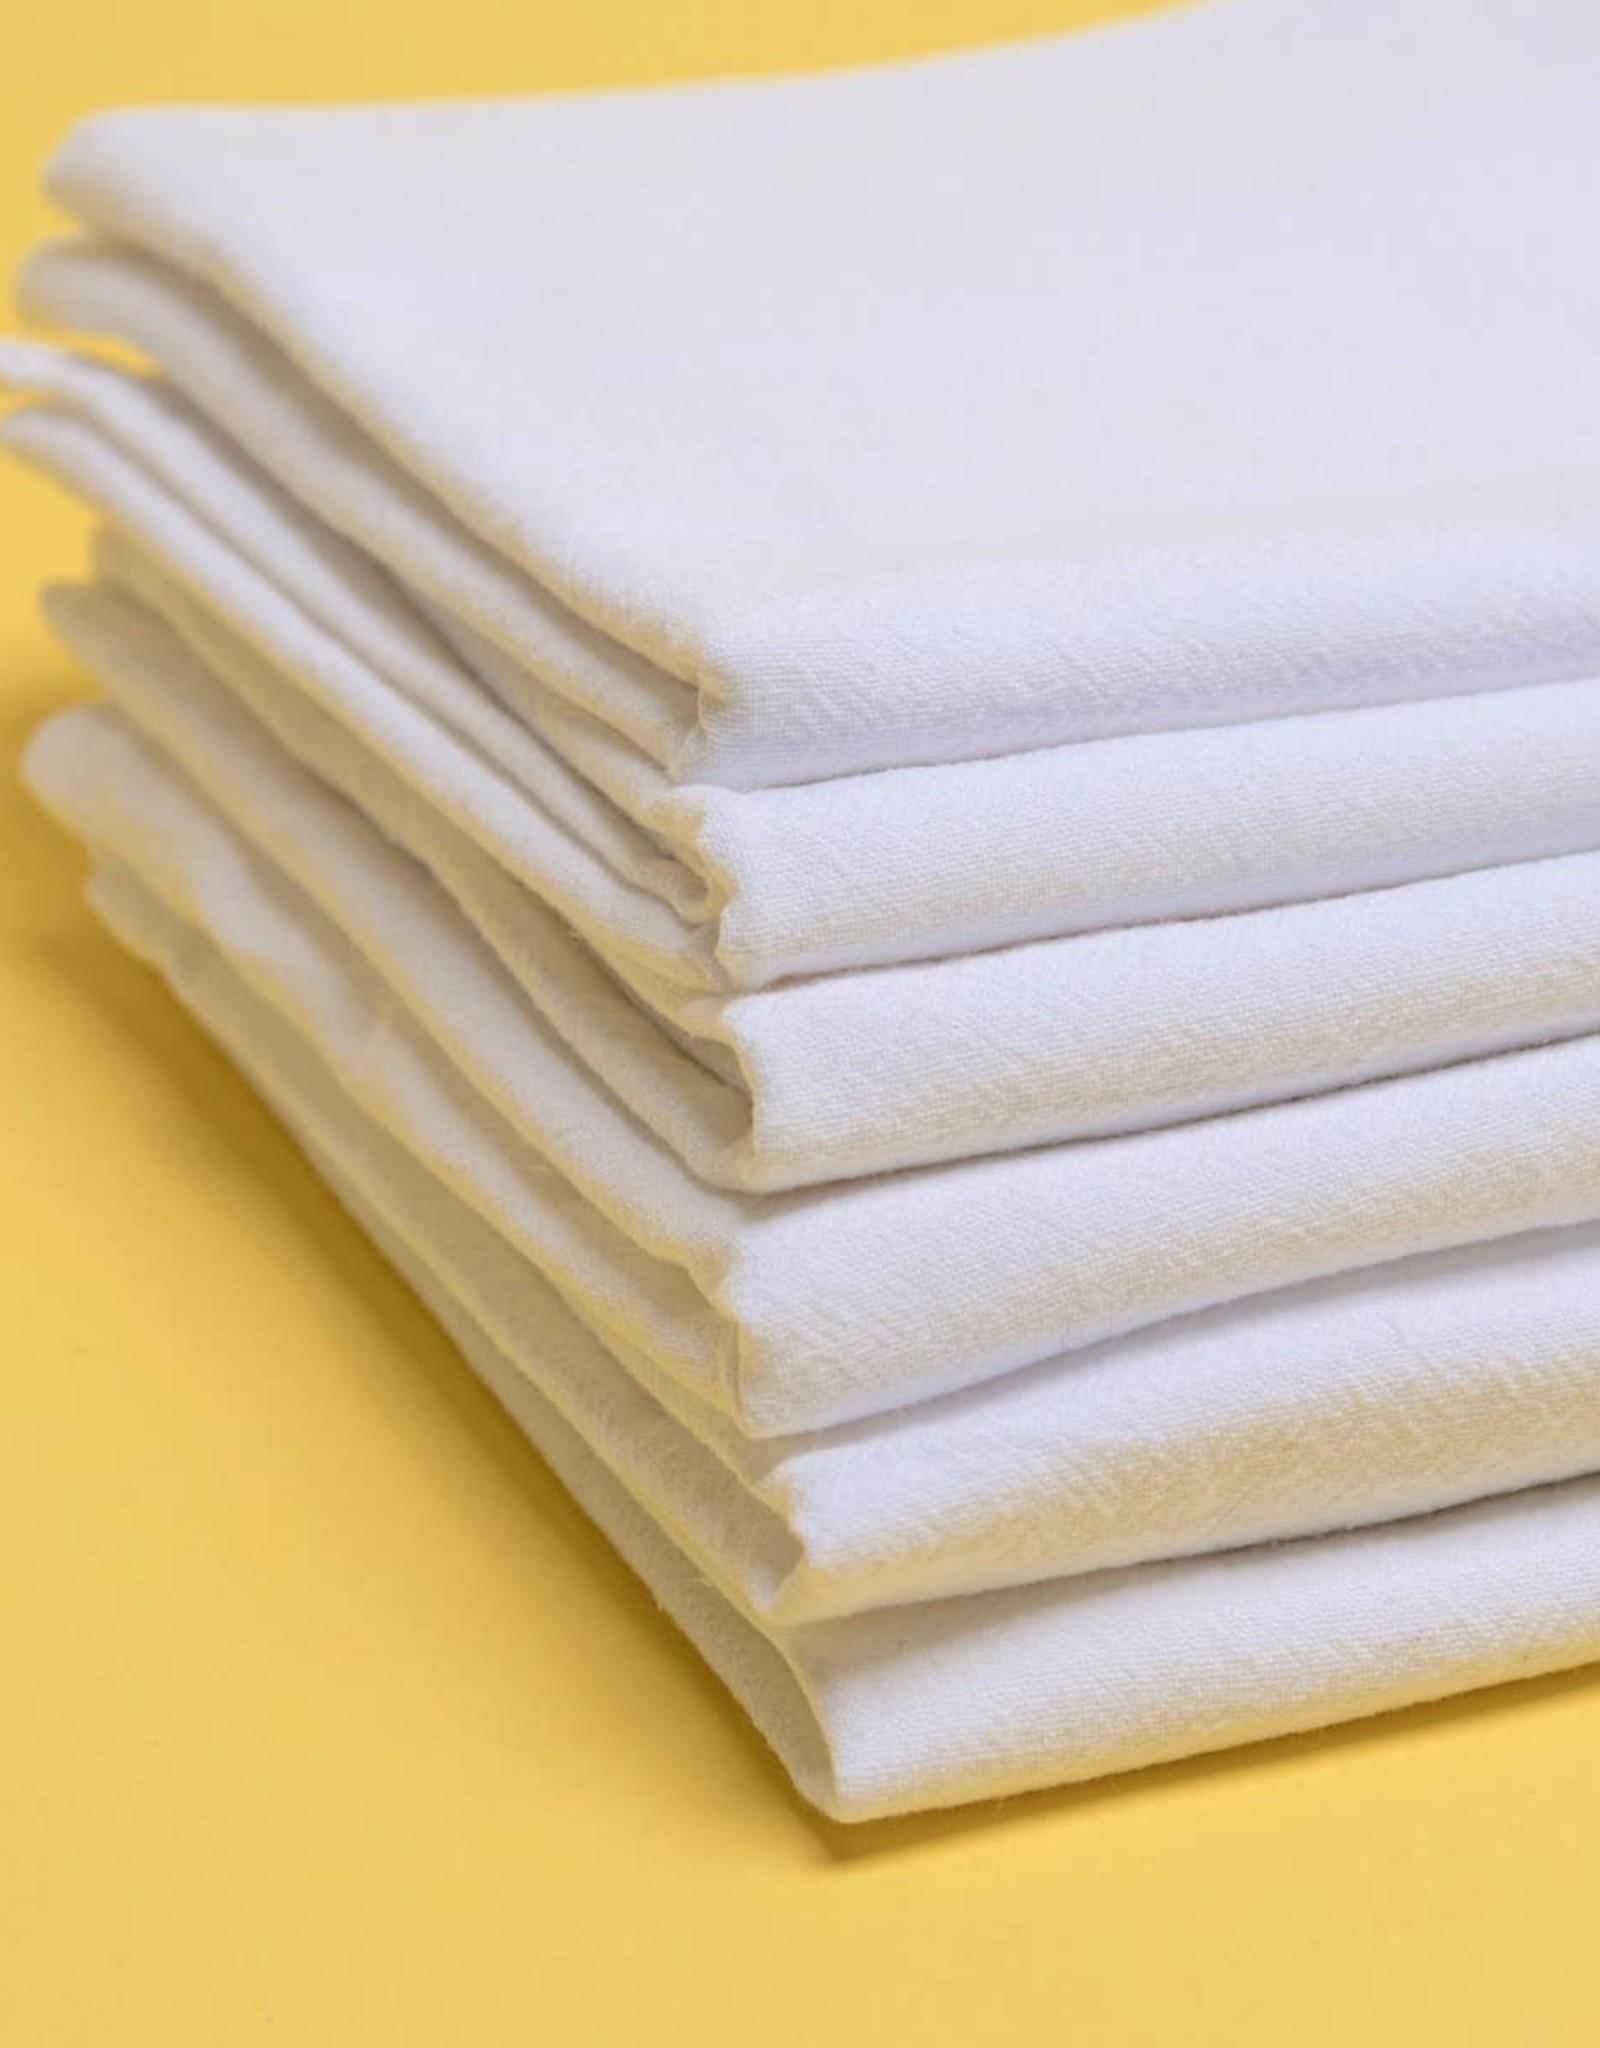 Alt Linen Set of Six Kitchen Towels - Free Lifetime Replacements